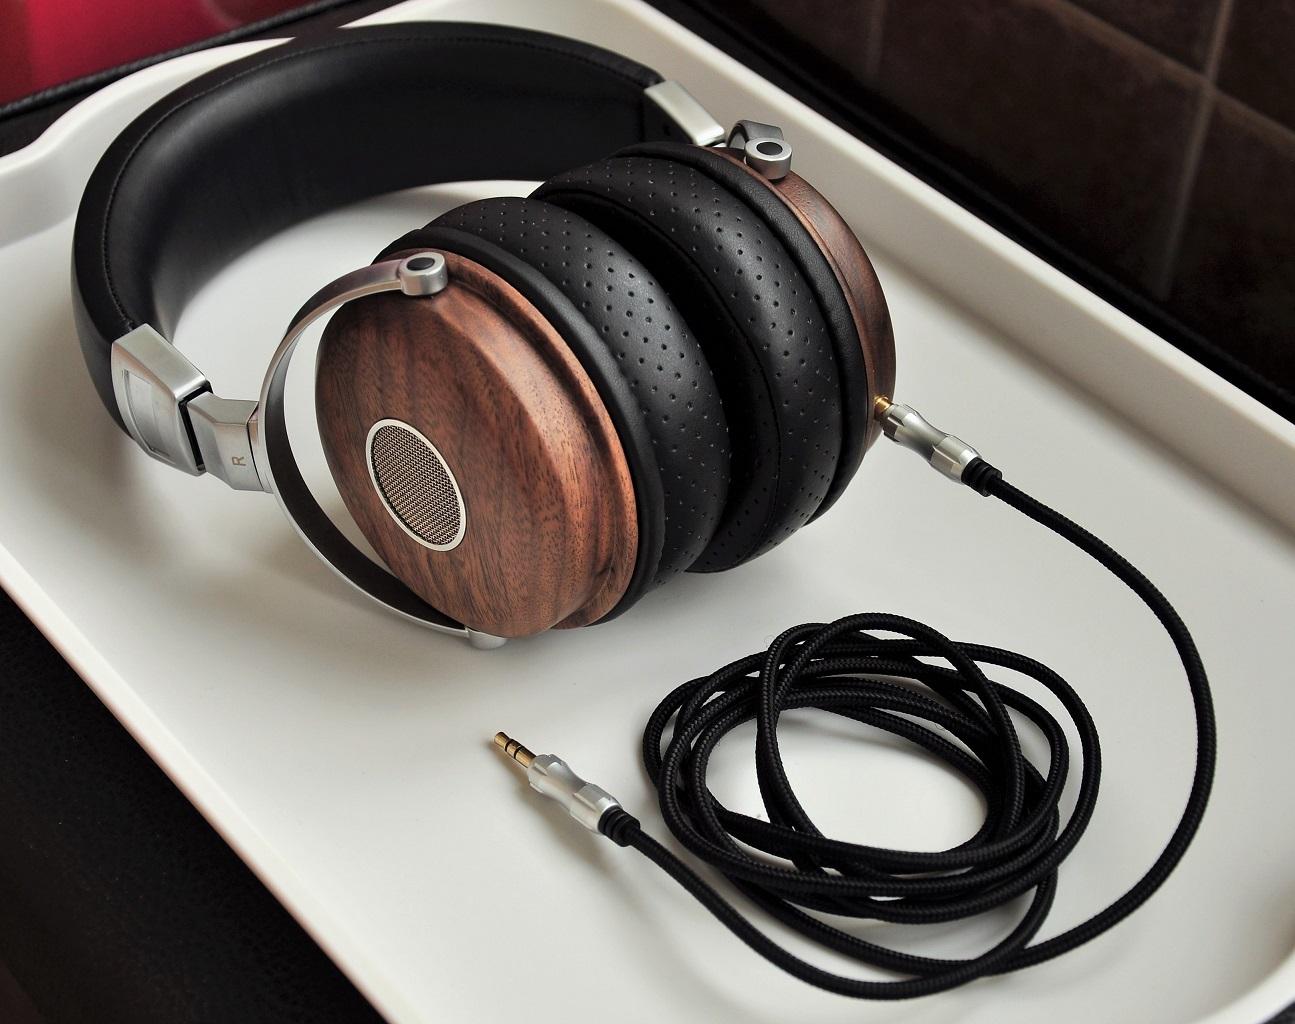 Picture of Build a Hi-Fi Headphone From Scratch